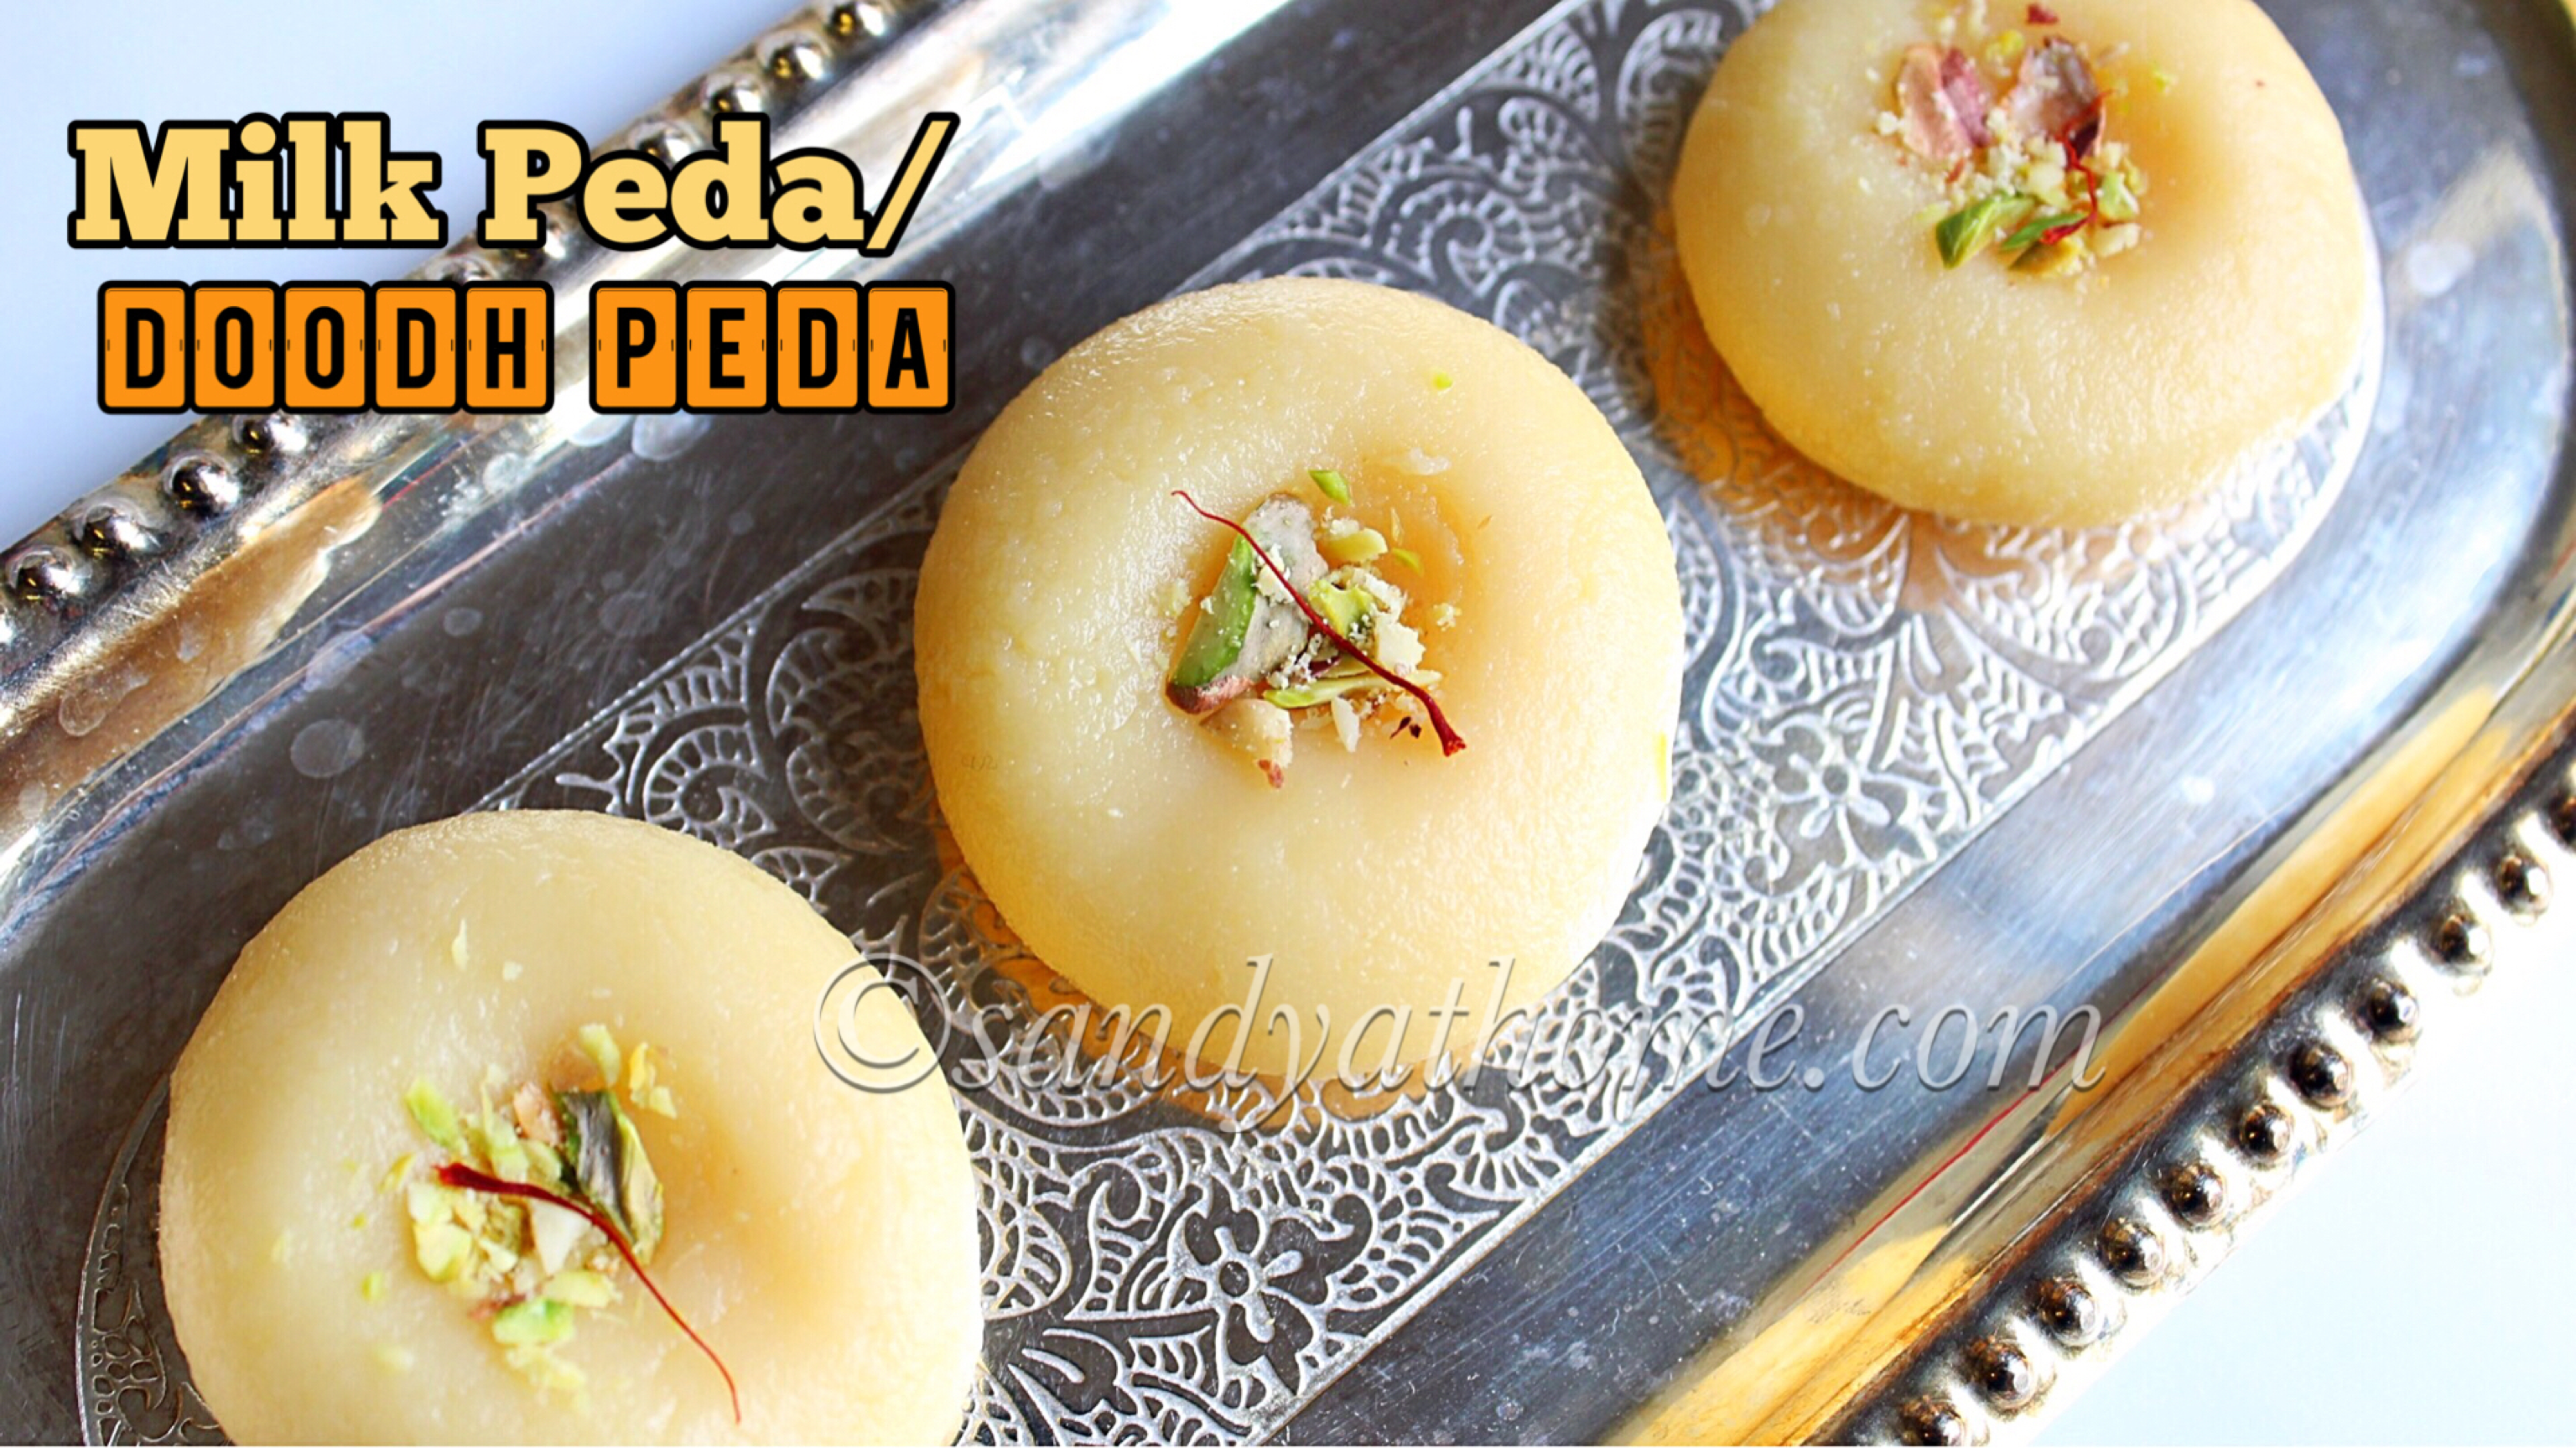 how to make doodh peda at home